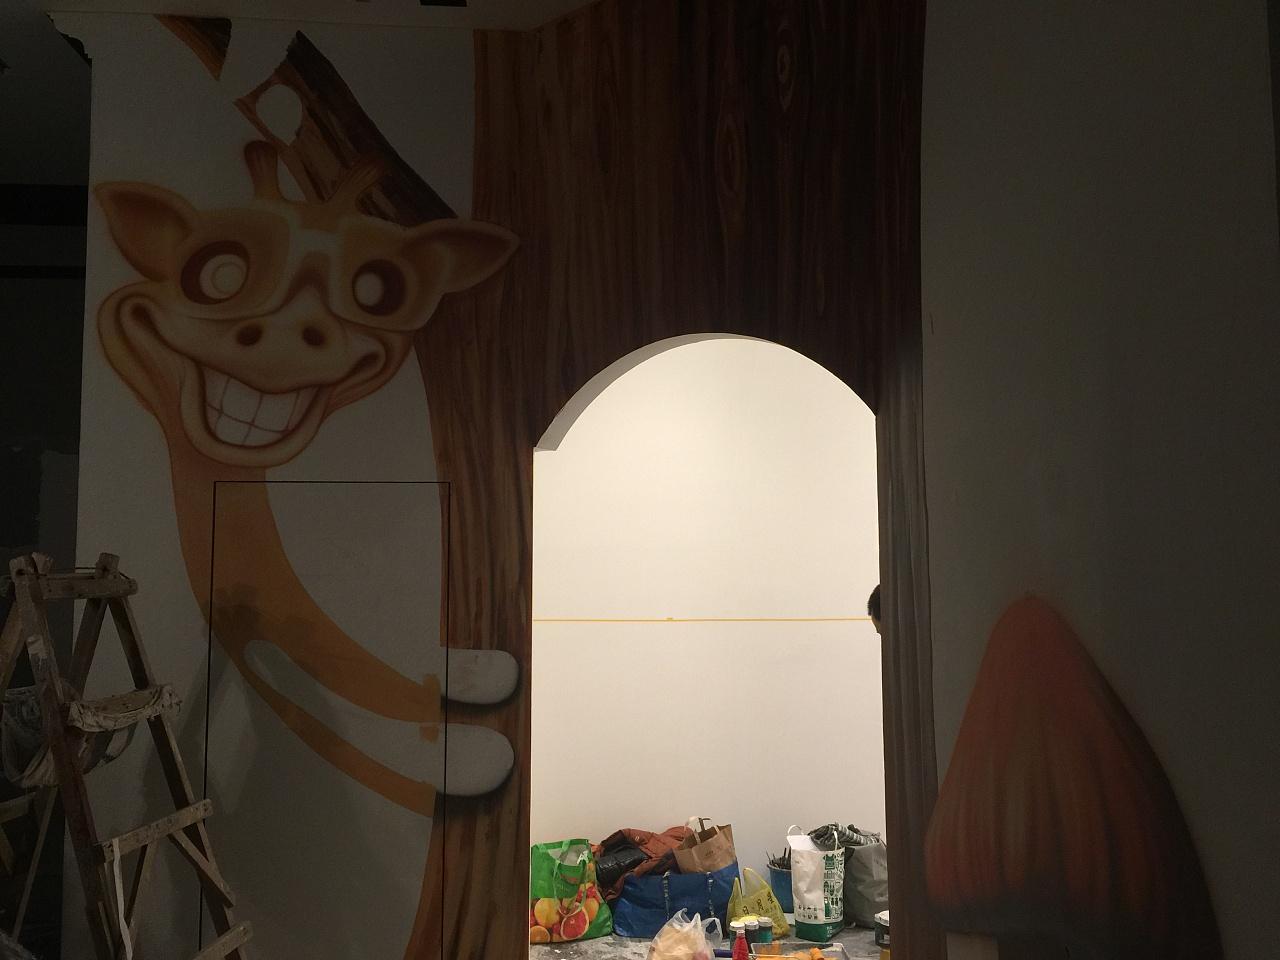 泰中心儿童乐园3D森林主题墙绘立体画现场绘制步骤